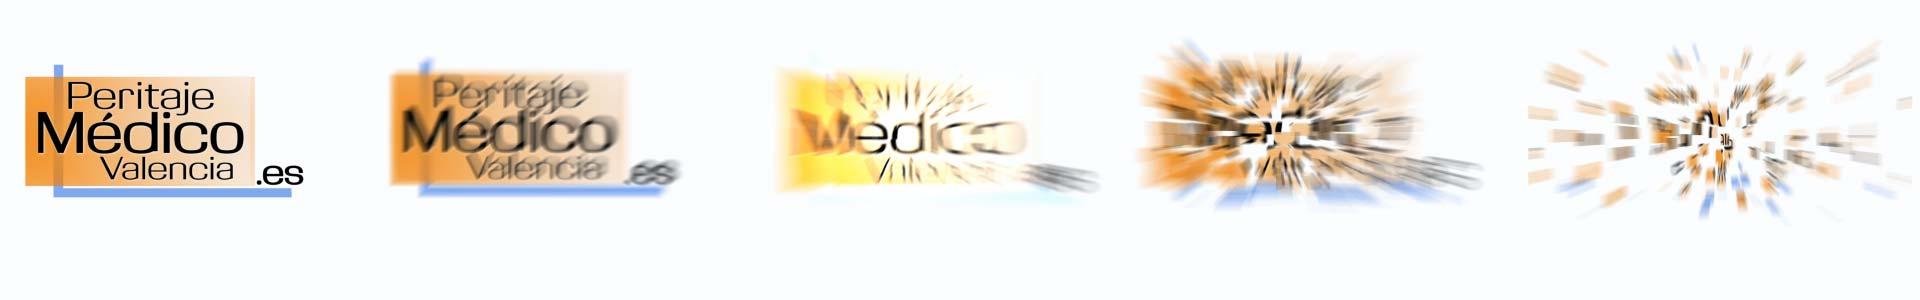 21_collage_explosion_cabecera_00000